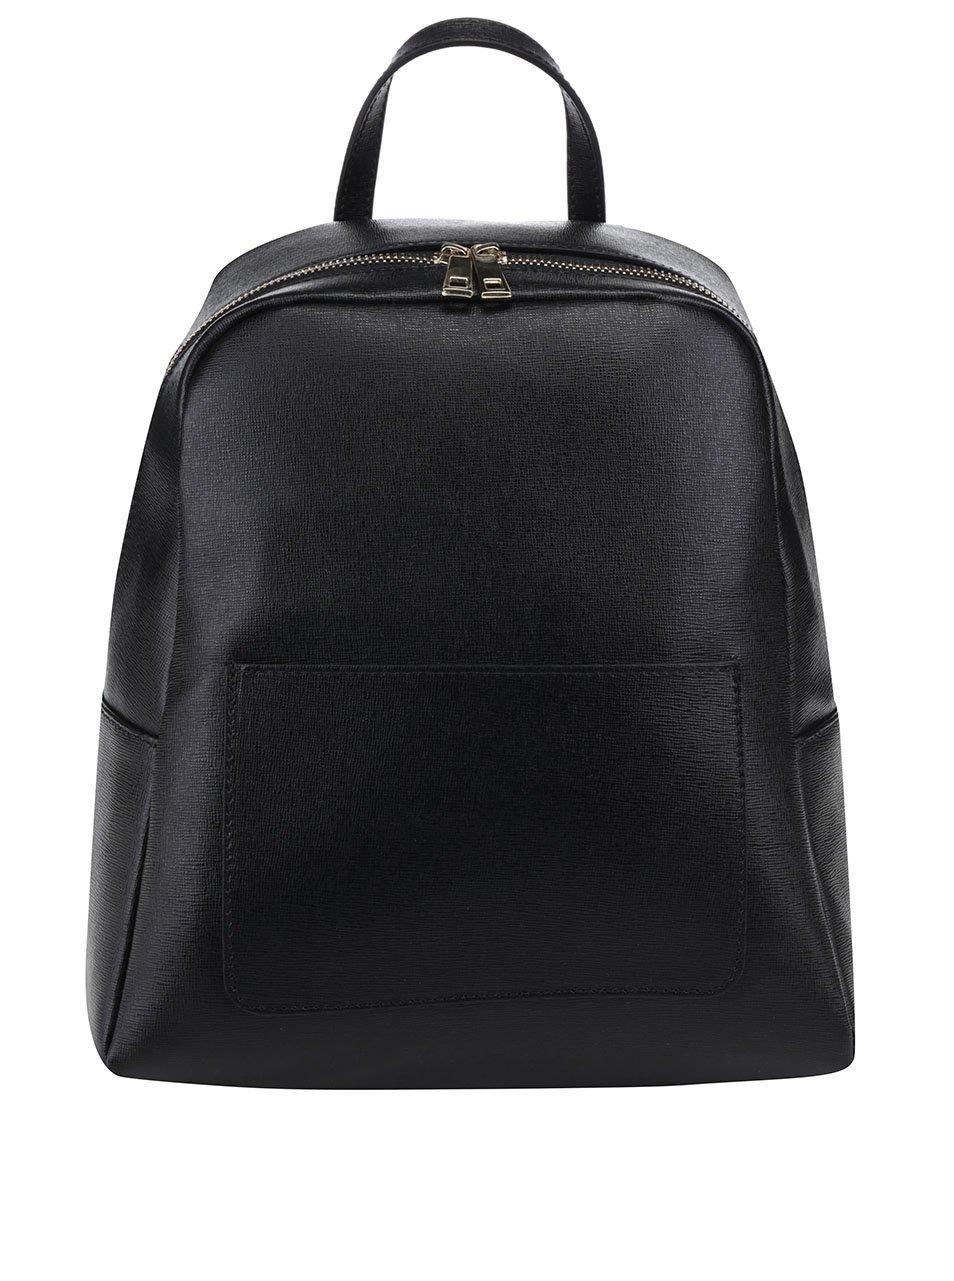 Čierny dámsky kožený batoh s vreckom na prednej strane ZOOT